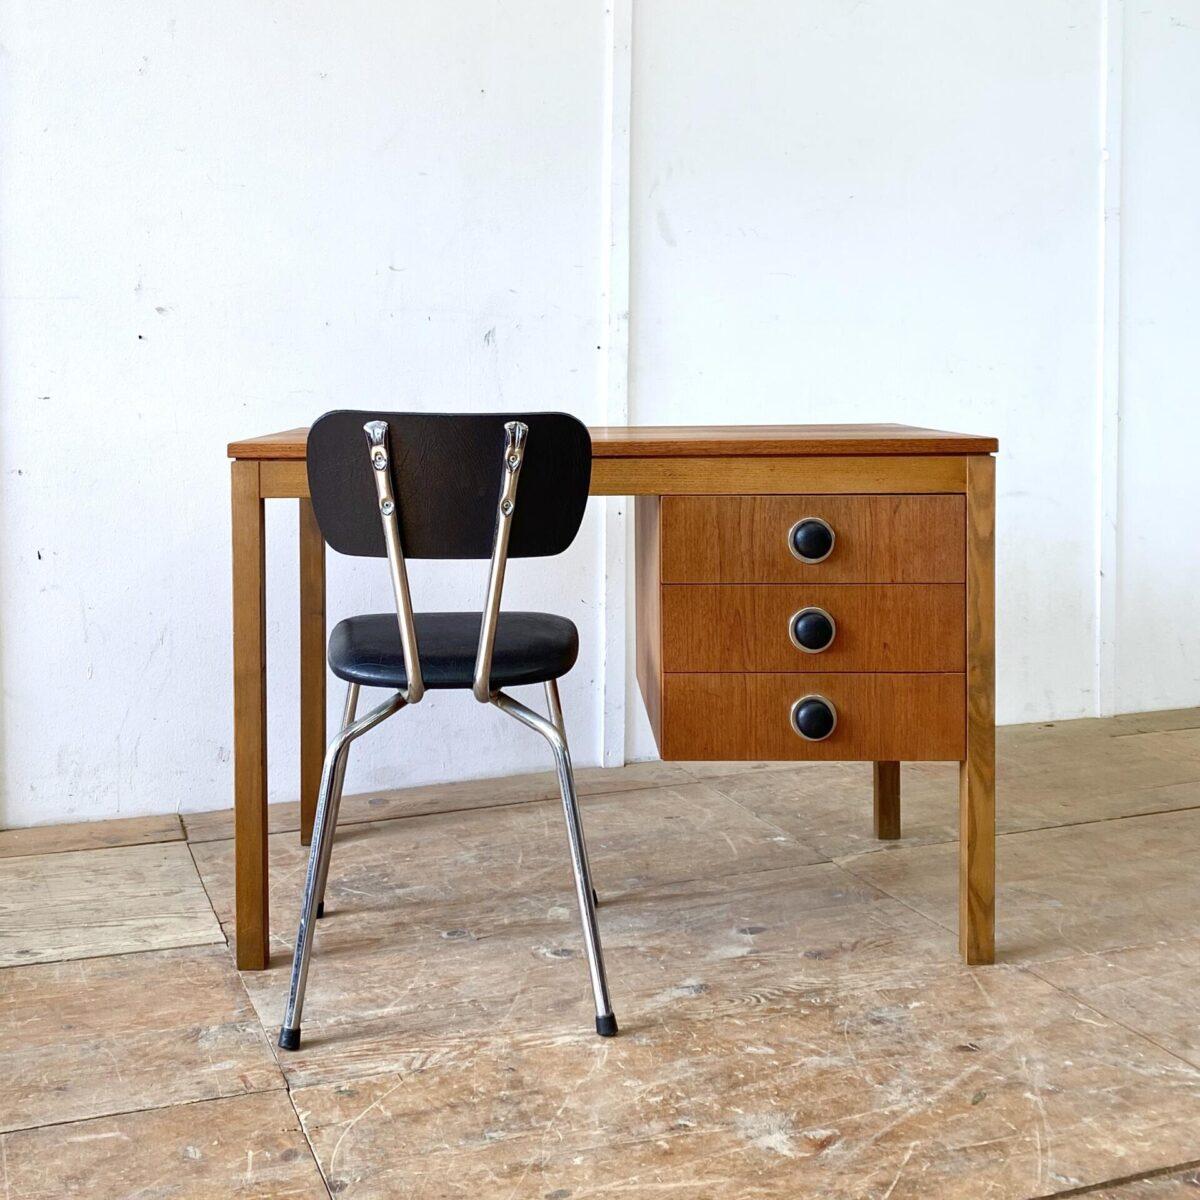 Deuxieme.shop midcentury teak Tisch denmark. Dänisch teak furniture 60er Jahre. Kleiner Teak Schreibtisch mit drei Schubladen. 105.5 x 60.5cm Höhe 73cm. Die Schubladengriffe sind aus Kunstleder.